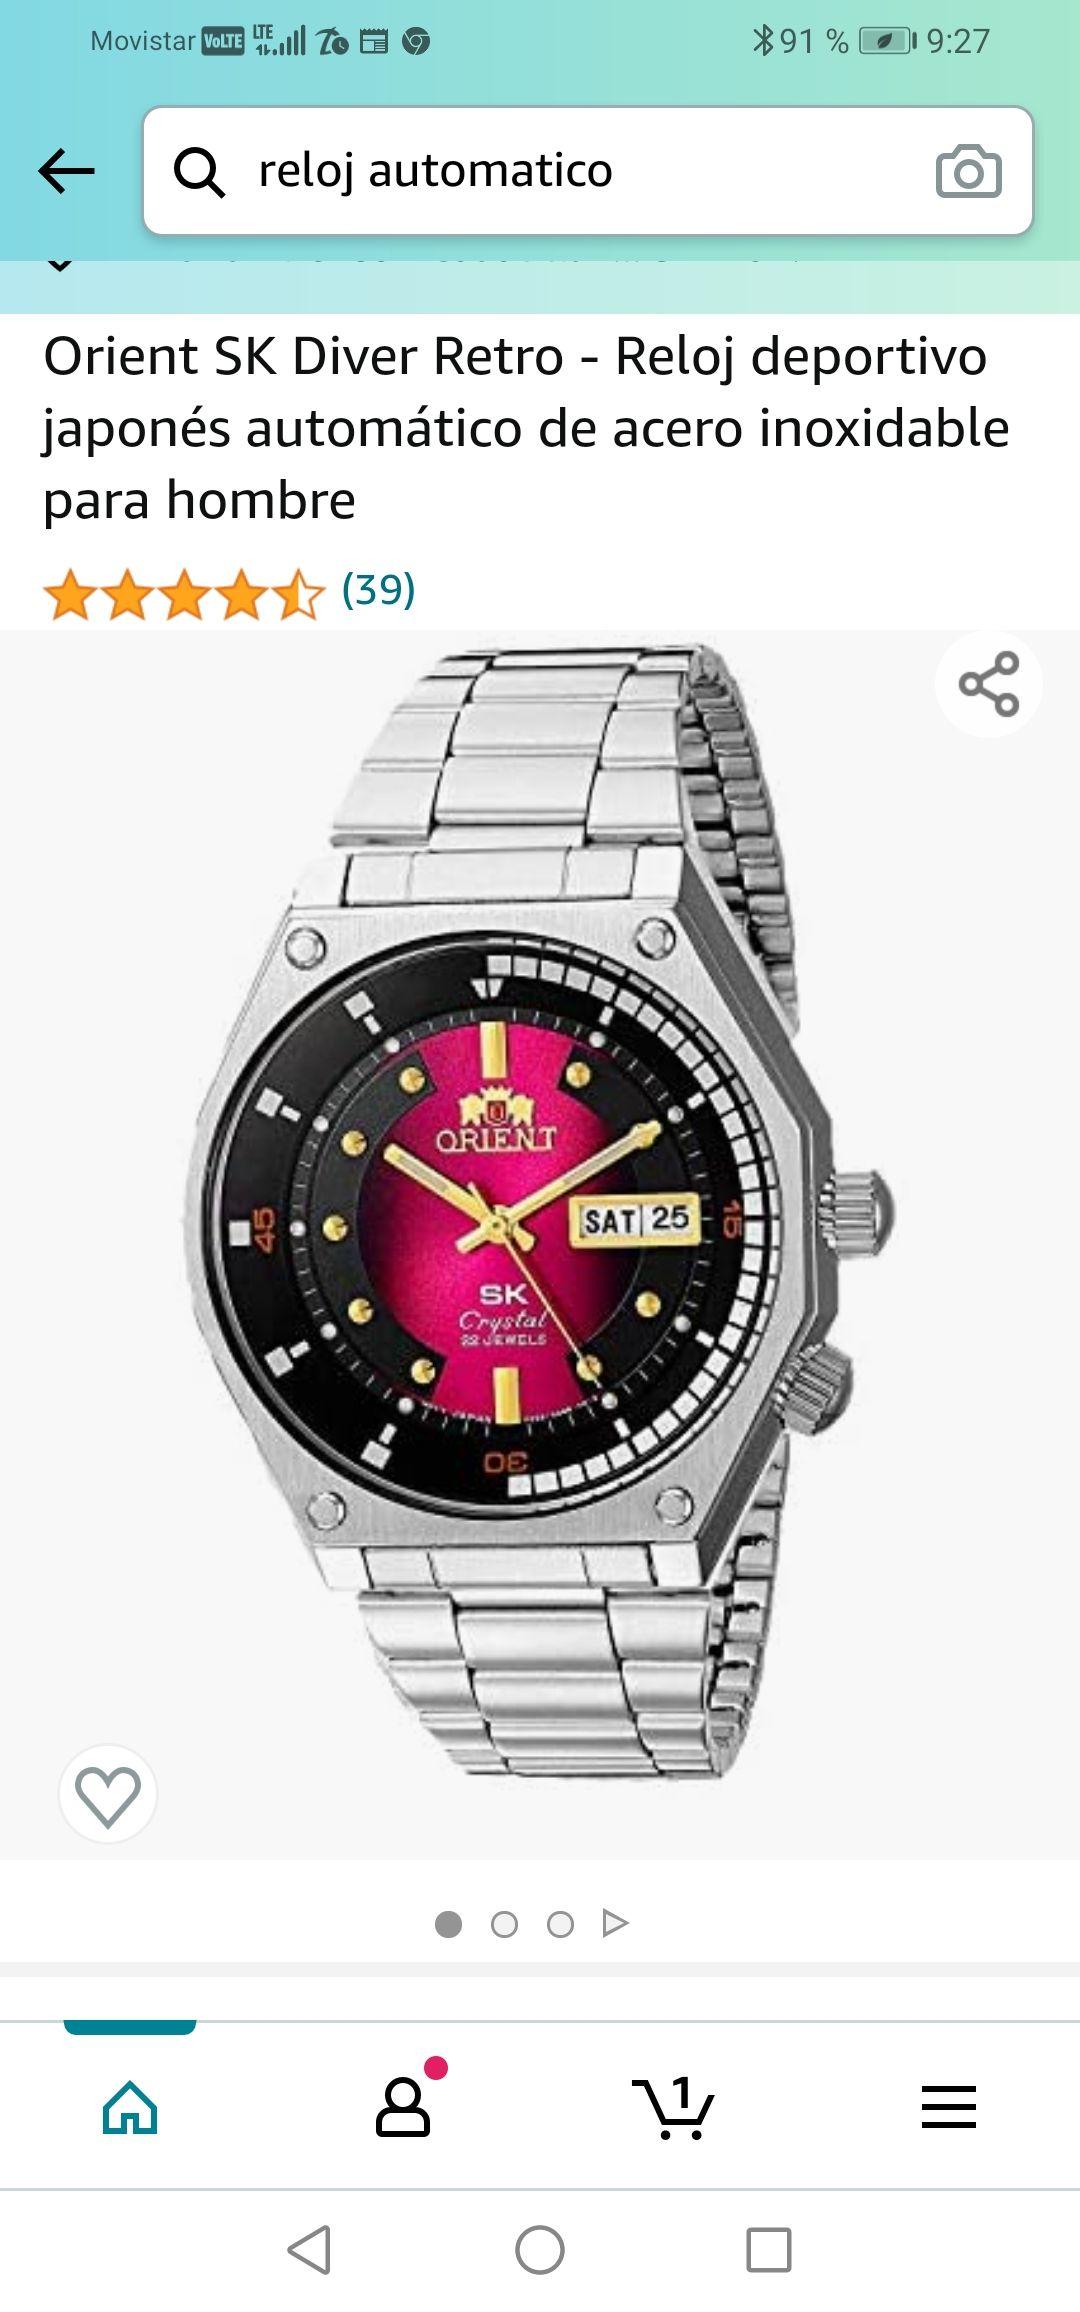 Amazon: Orient SK Diver Retro - Reloj deportivo japonés automático de acero inoxidable para hombre